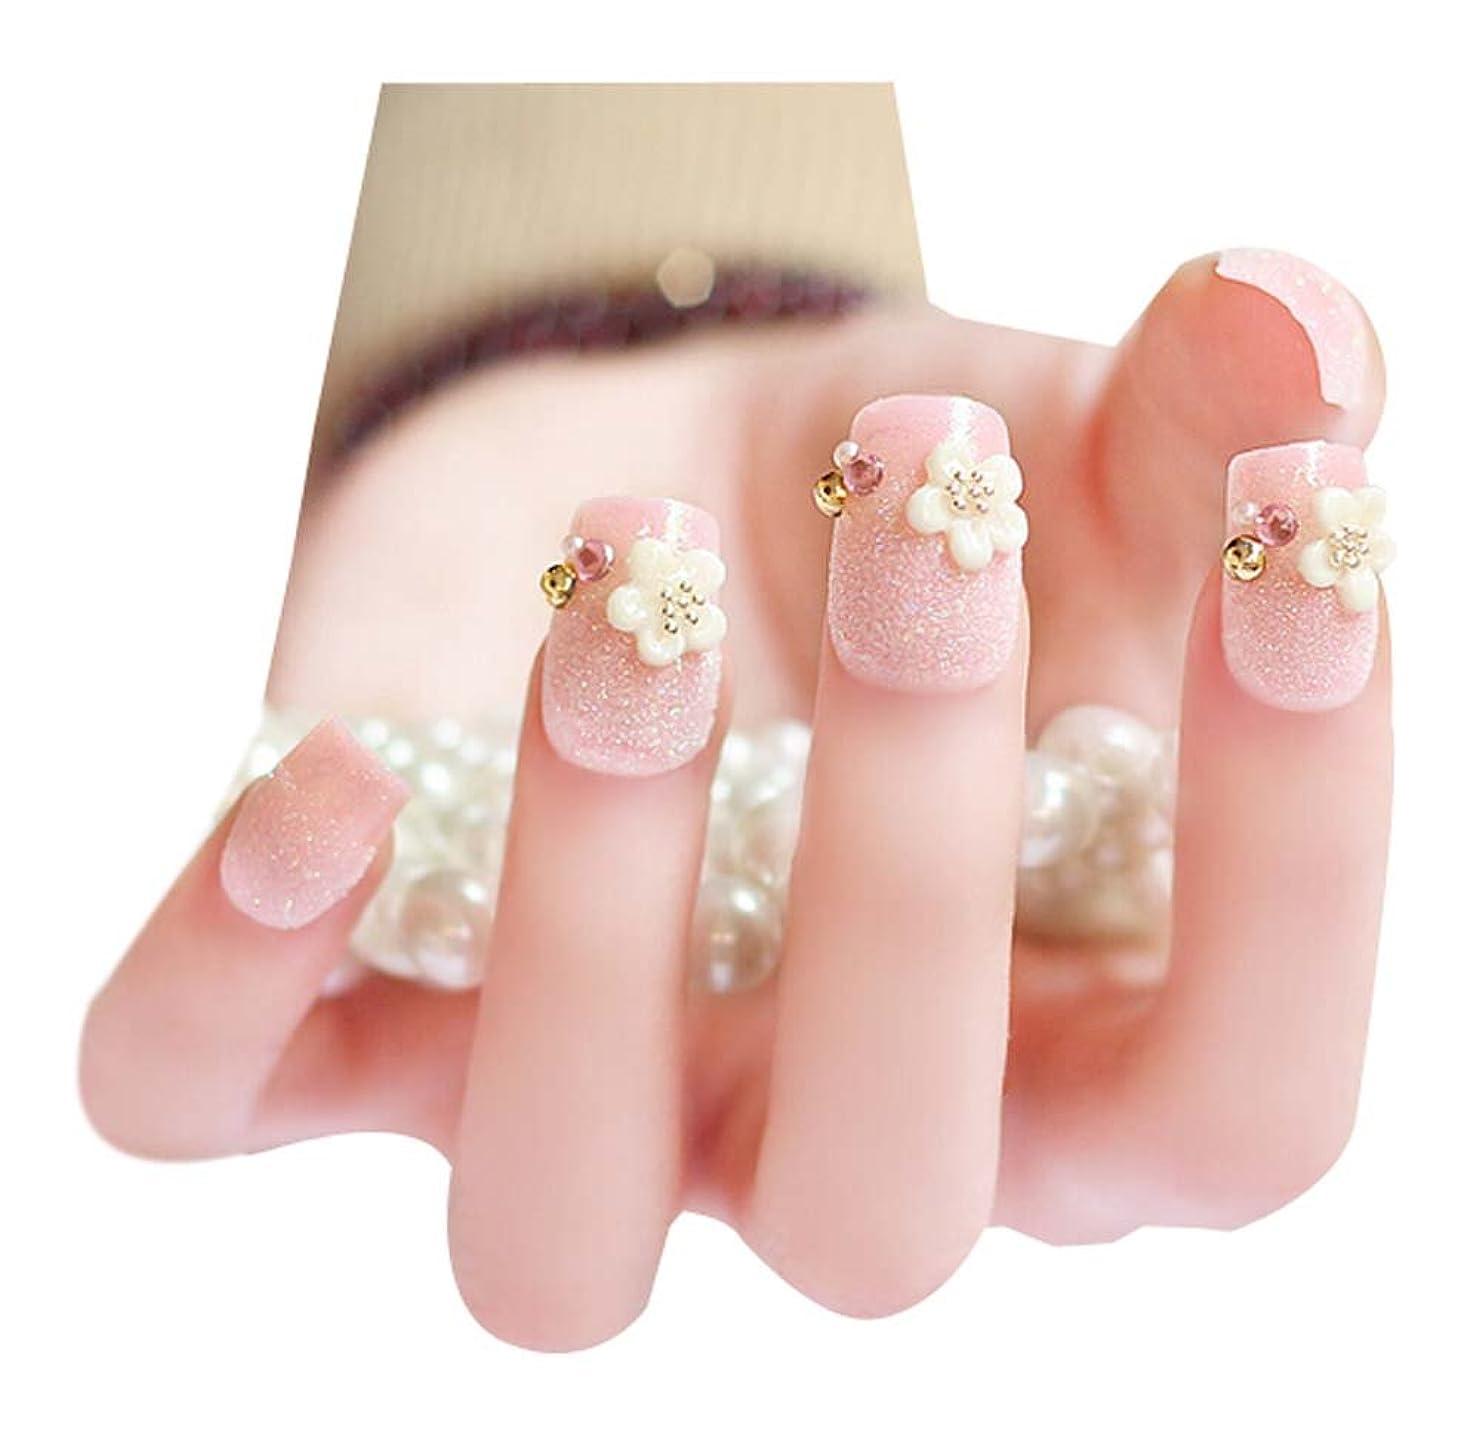 邪悪な特徴づける接続素敵なピンクのビーズの花DIY 3Dの偽の釘の結婚式の偽のネイルアート、2パック - 48枚